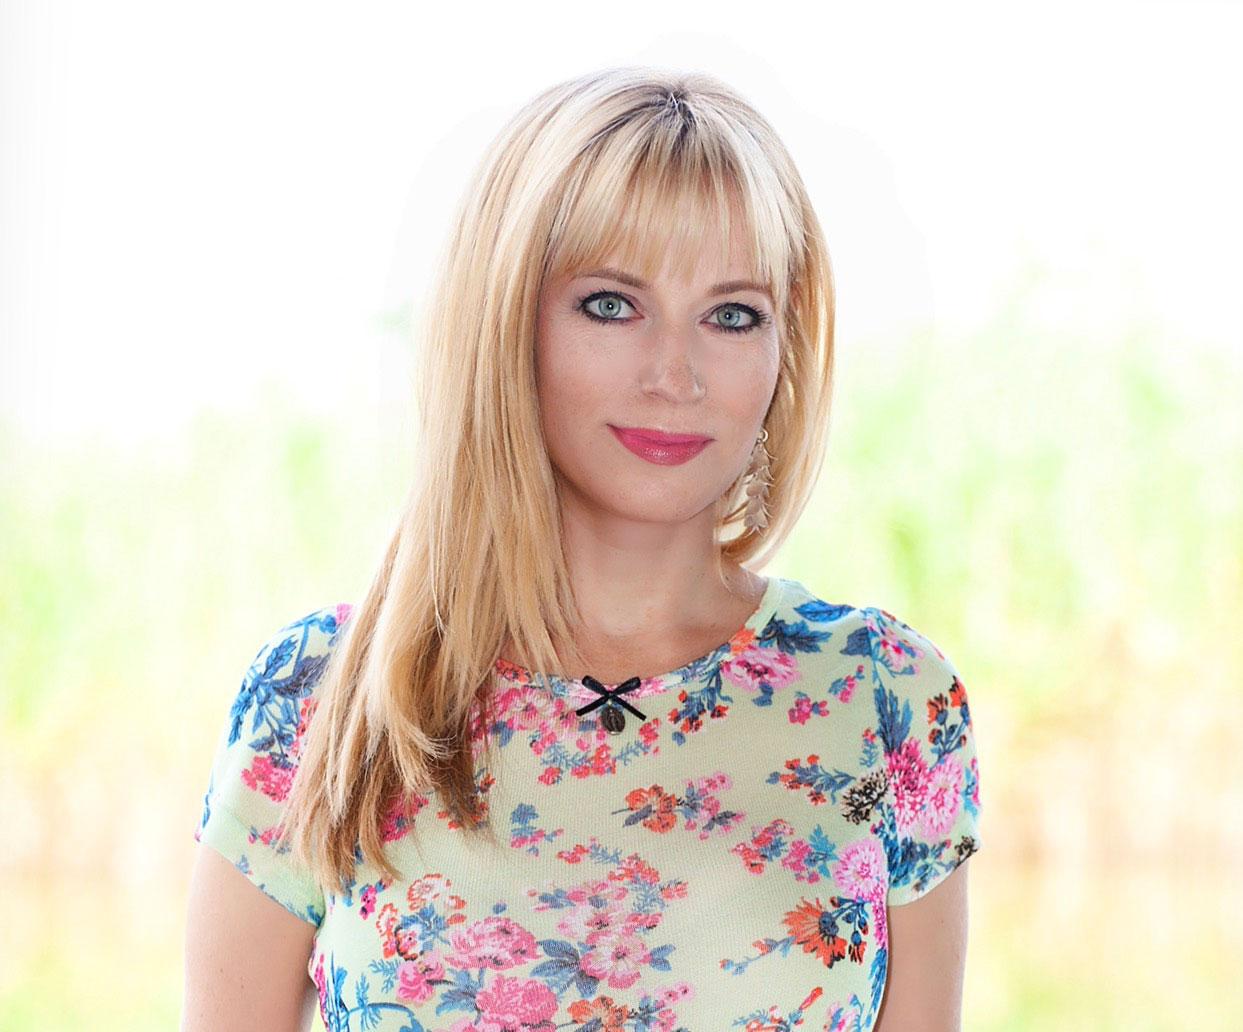 Nataly Rosa